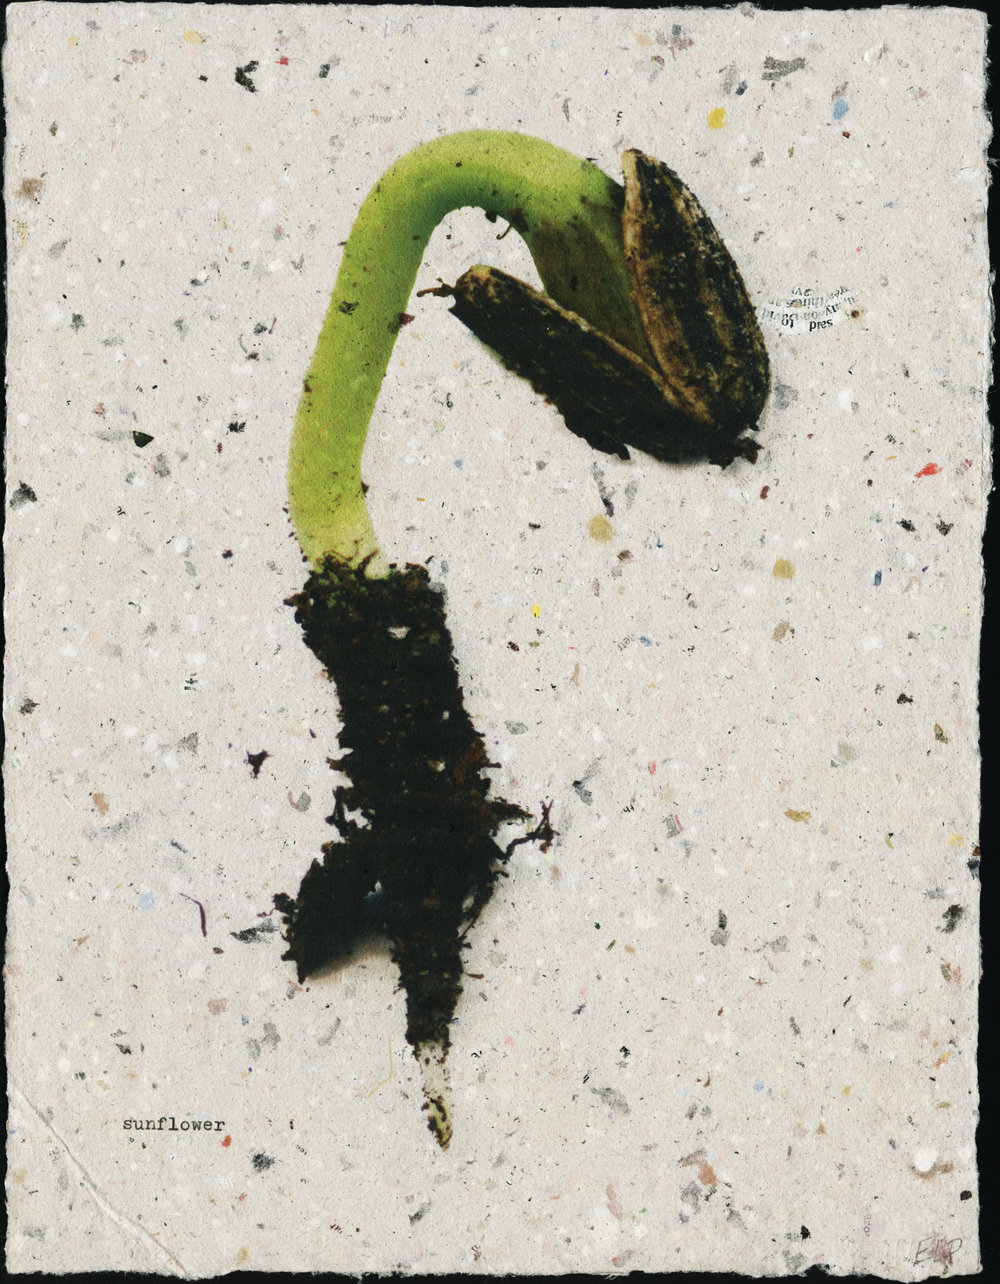 seedling: sunflower